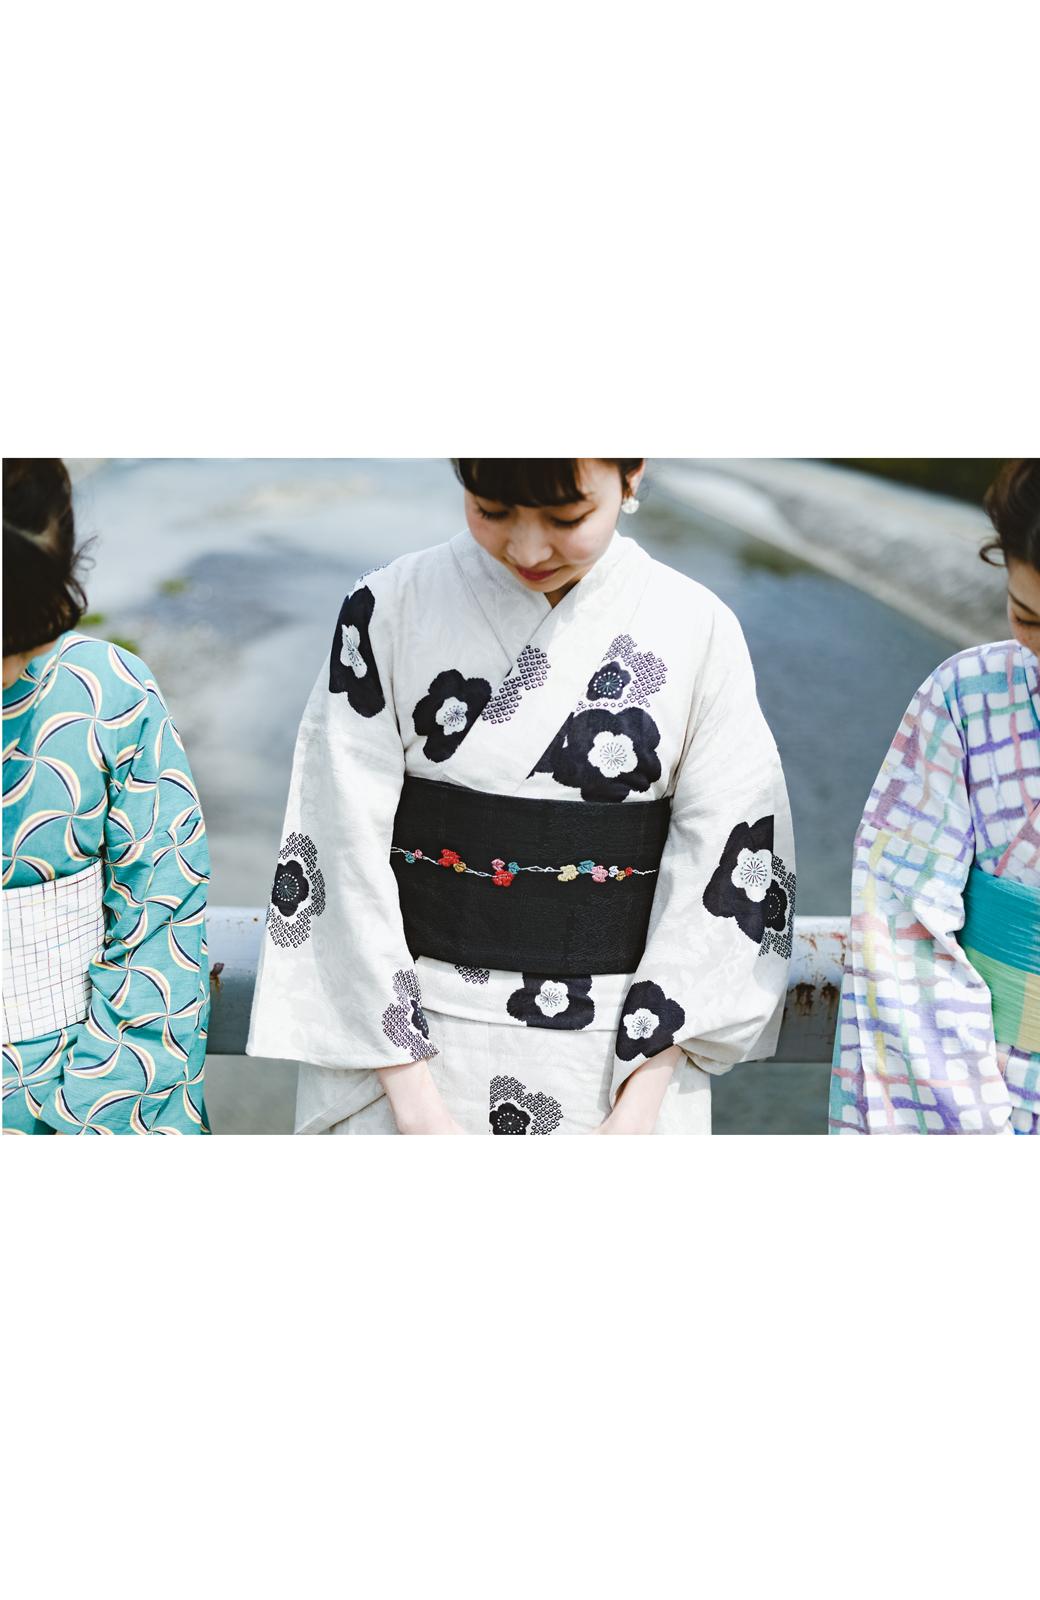 haco! ひでや工房 京都のからみ織ジャカード浴衣 <ブラック系その他>の商品写真15